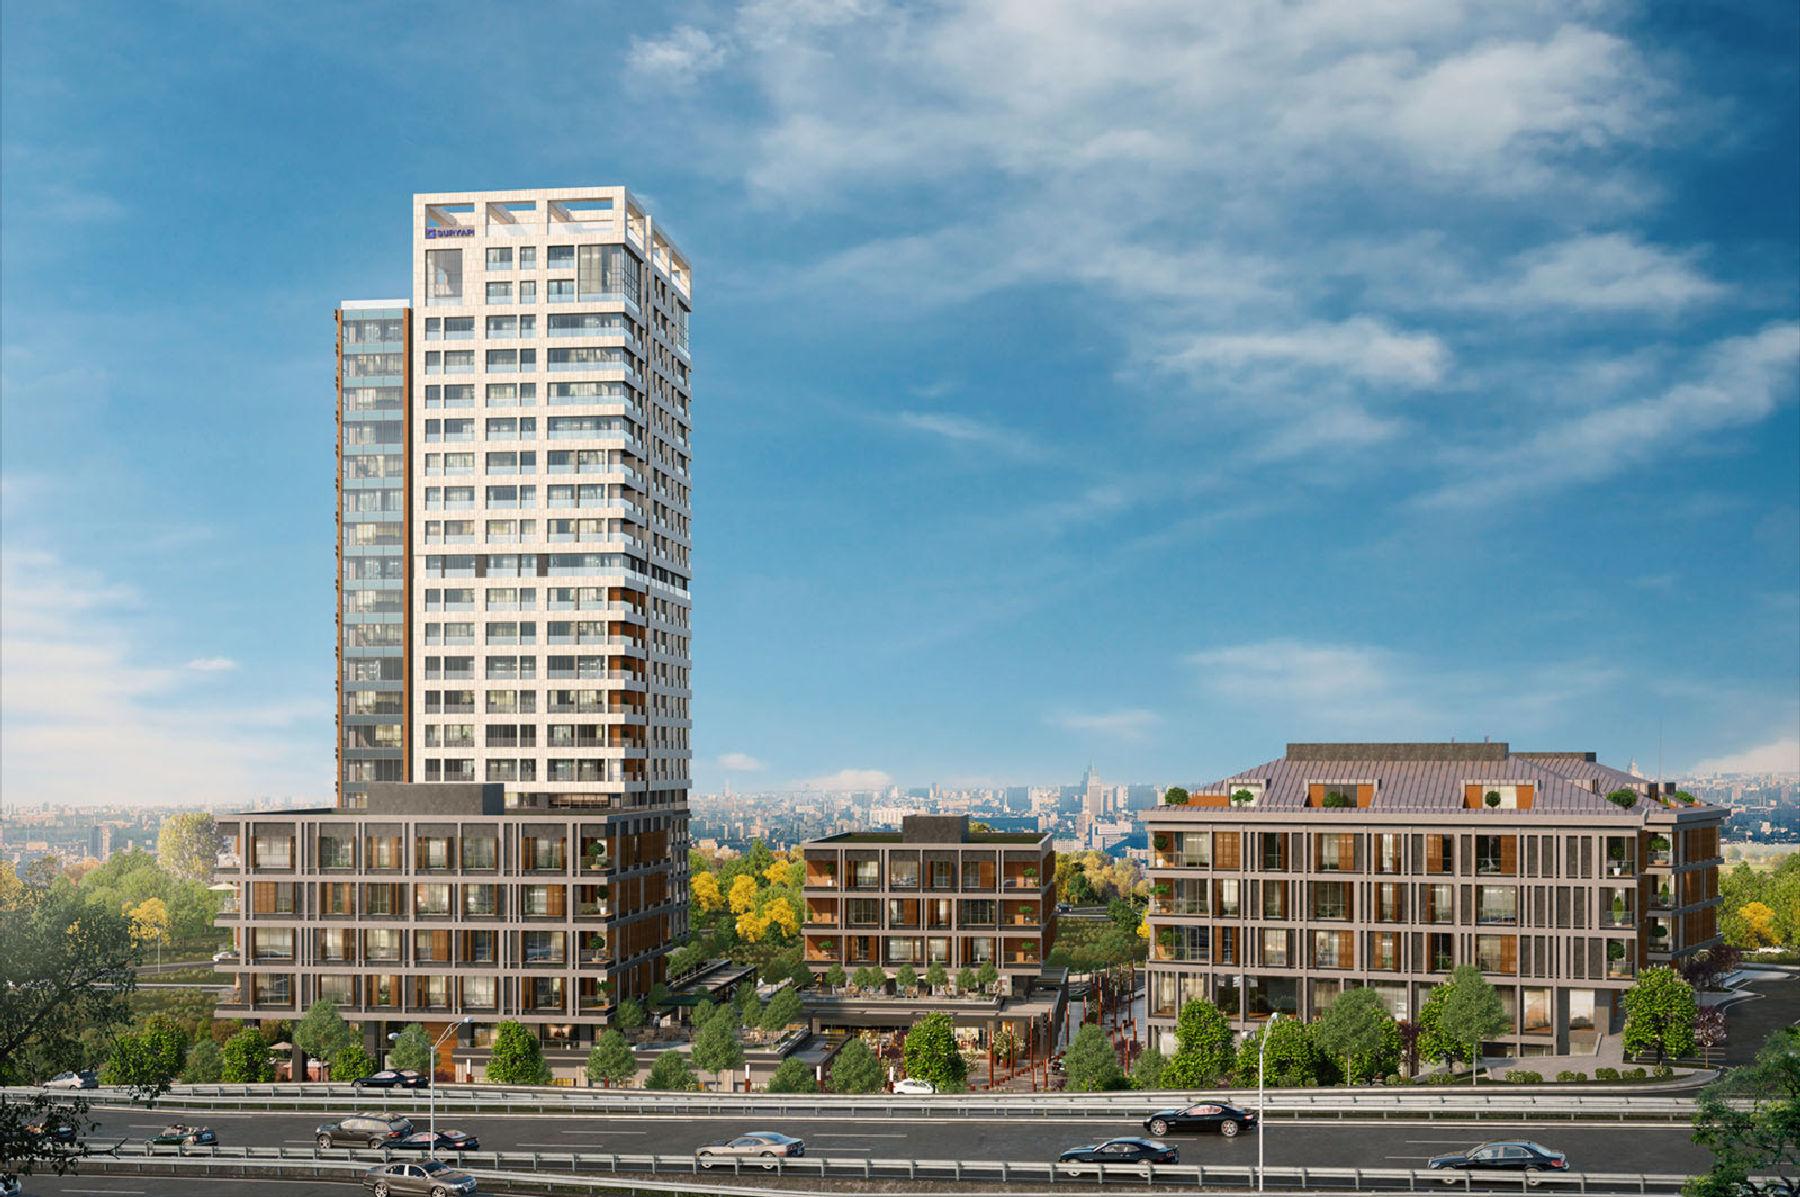 «Умные» квартиры в новом жилом комплексе Стамбула - Фото 13